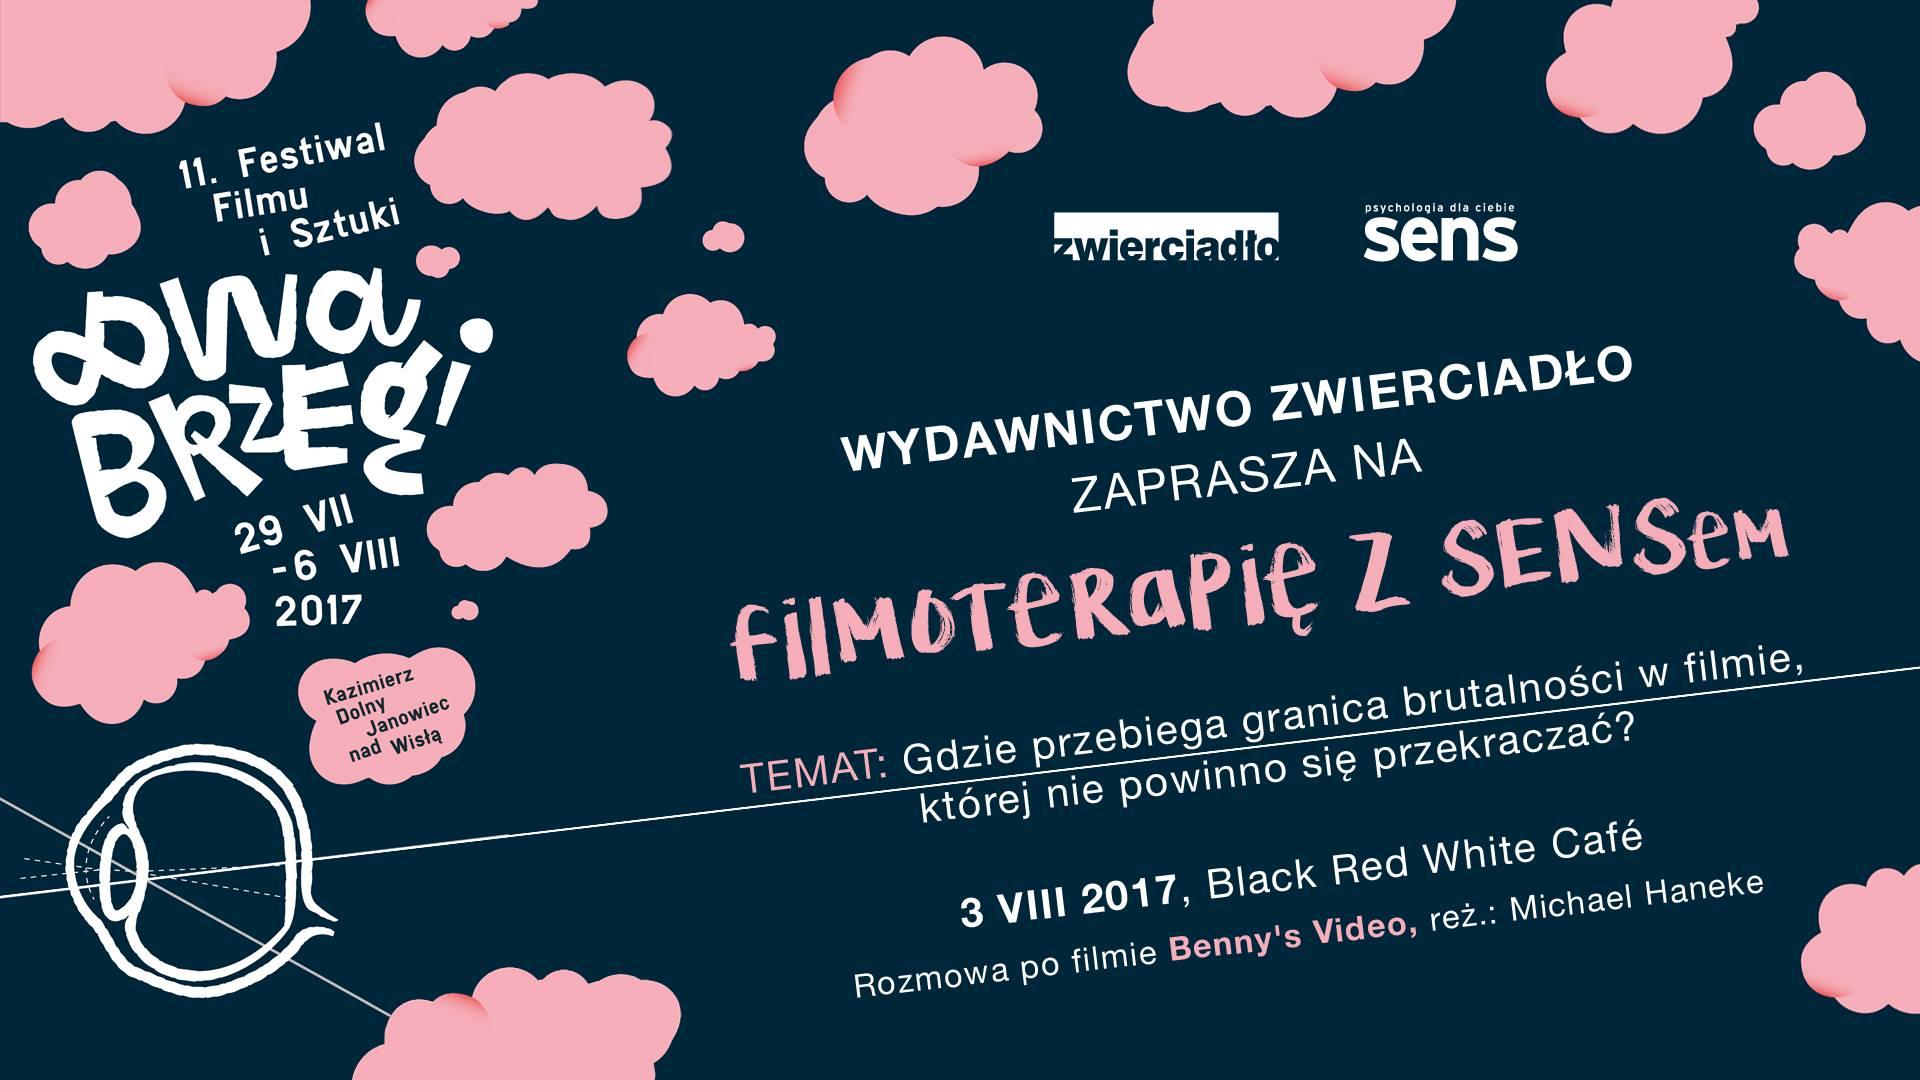 Filmoterapia na Festiwalu Dwa Brzegi